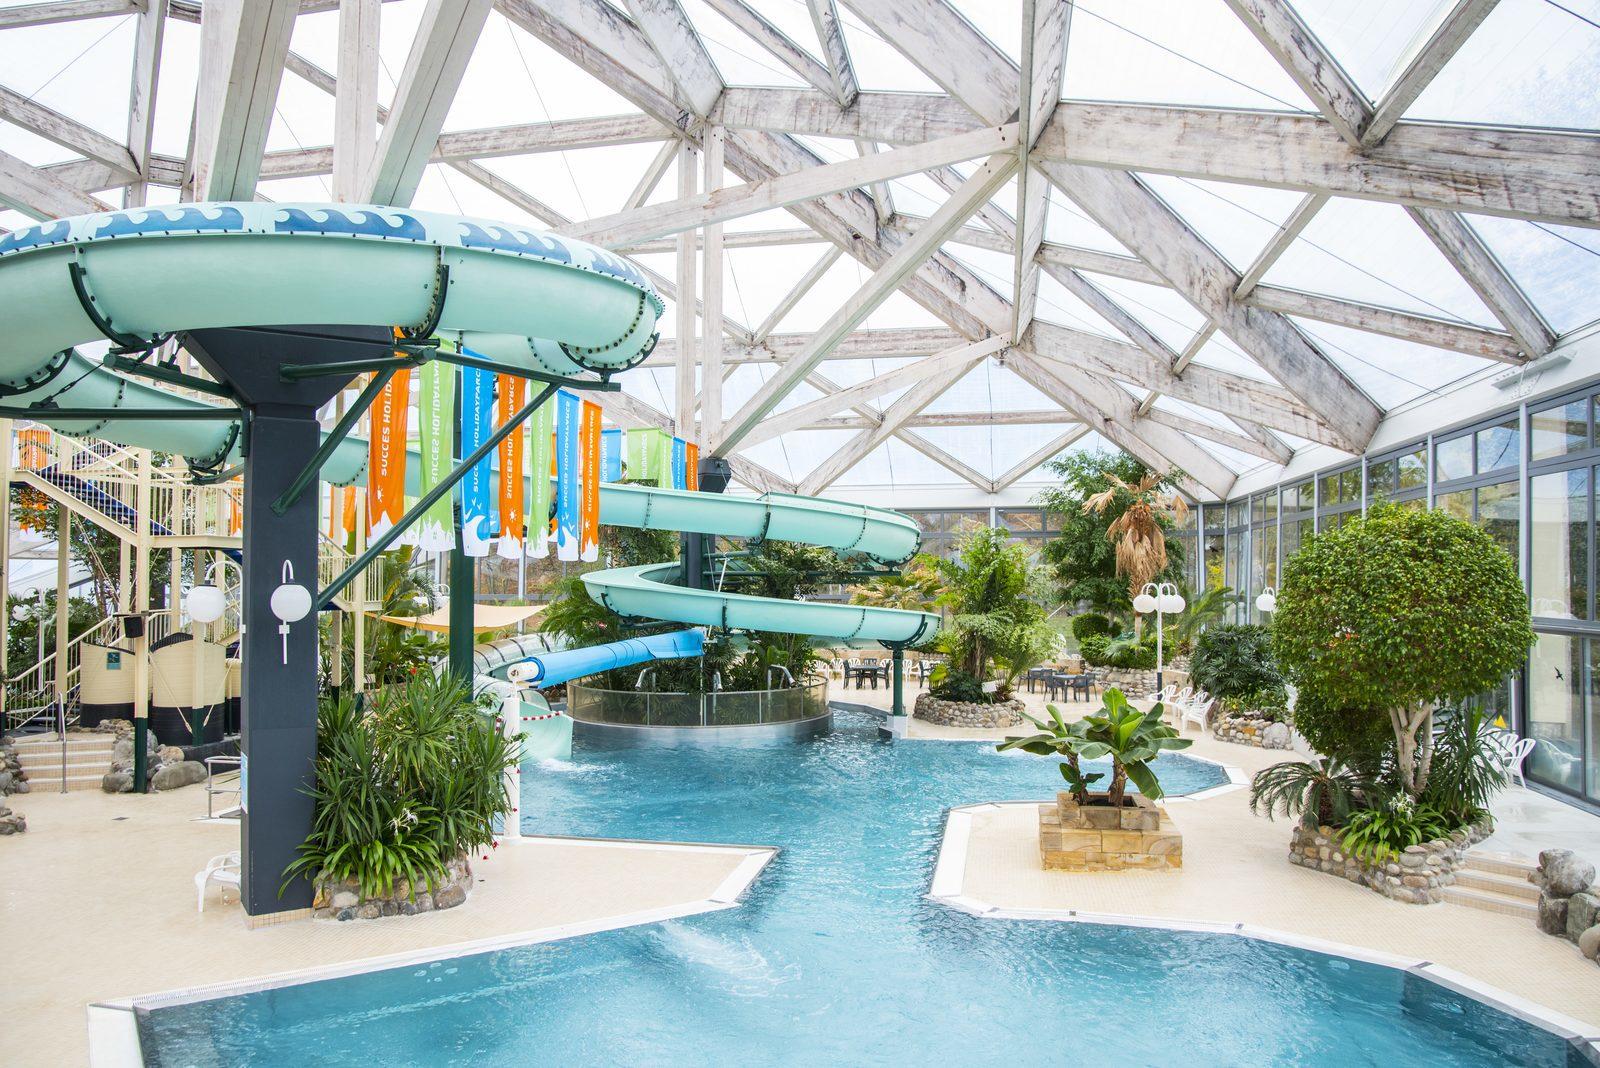 Vakantieparken met zwembad